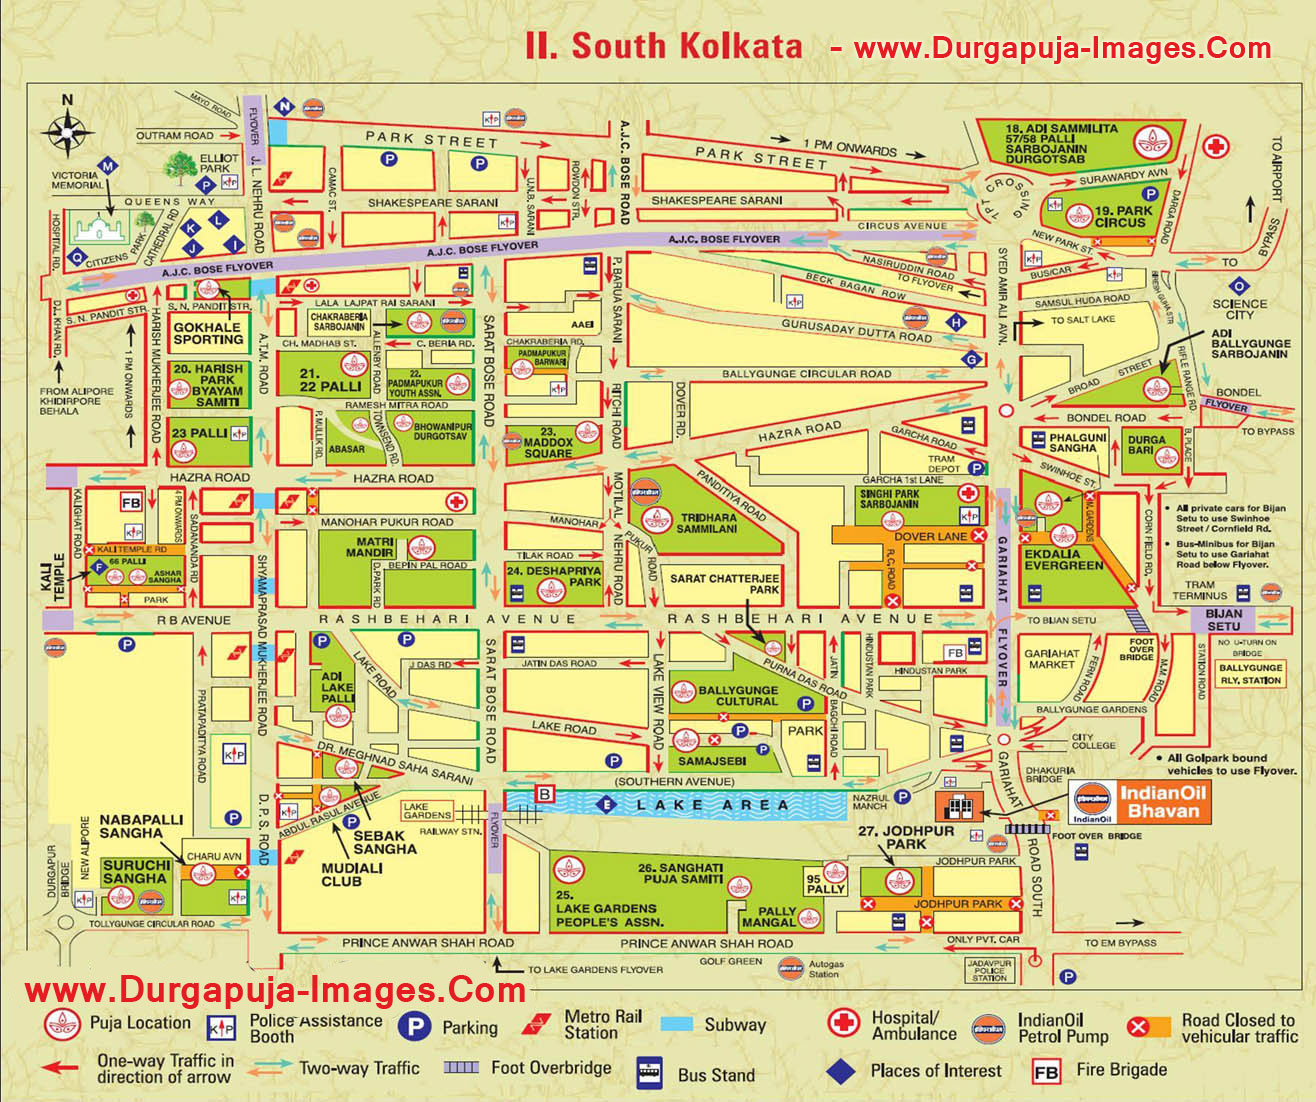 THE CITY OF JOY KOLKATA: